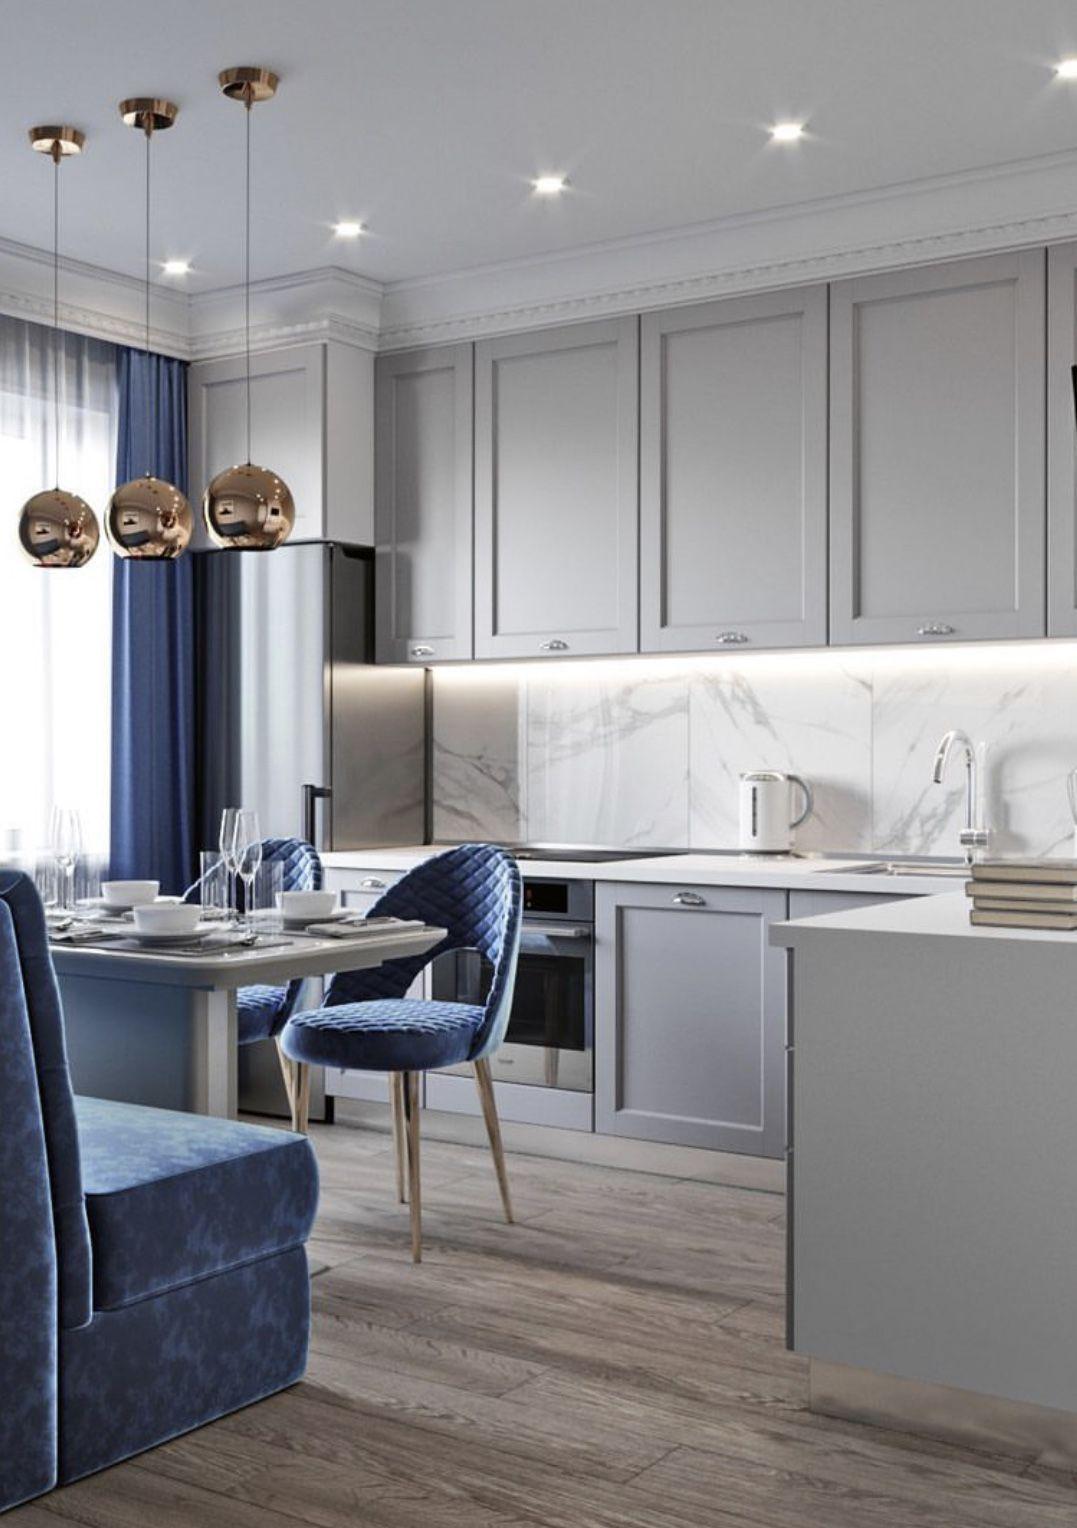 Inspiring Luxury Kitchen Design Ideas